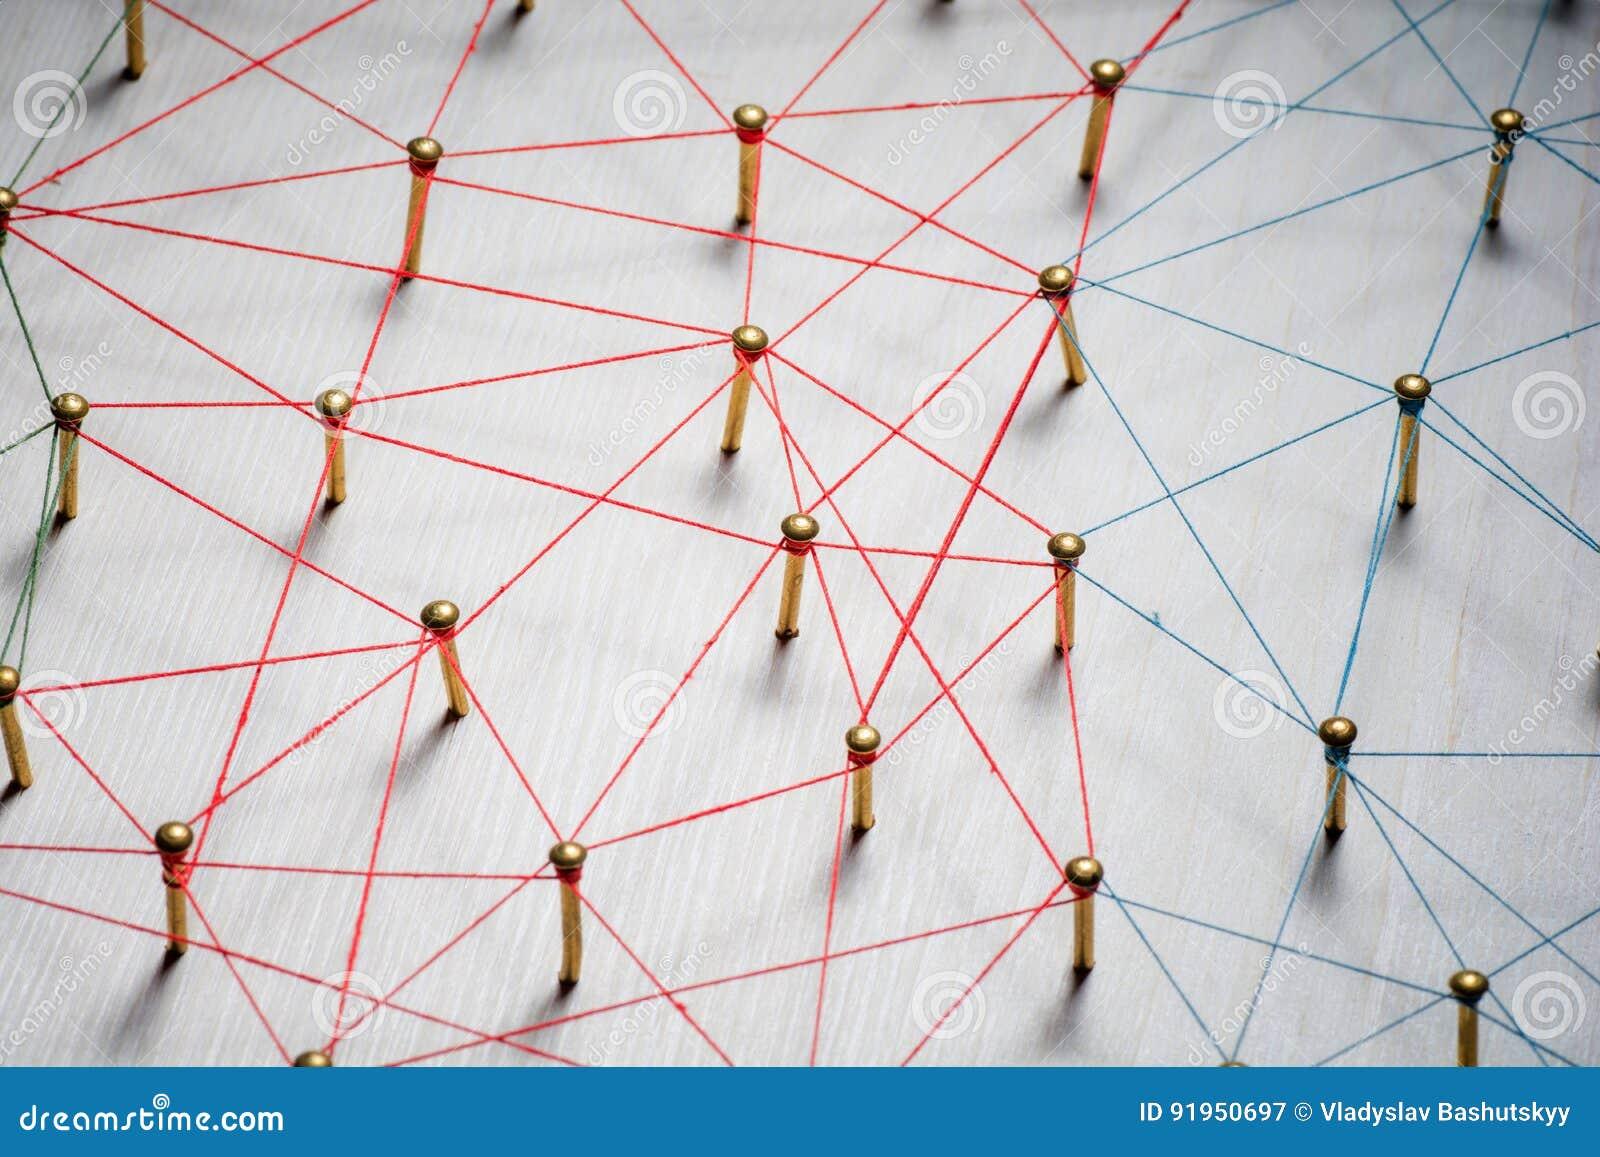 Lazo de entidades Red, establecimiento de una red, medio social, extracto de la comunicación de Internet Un pequeño conectado con